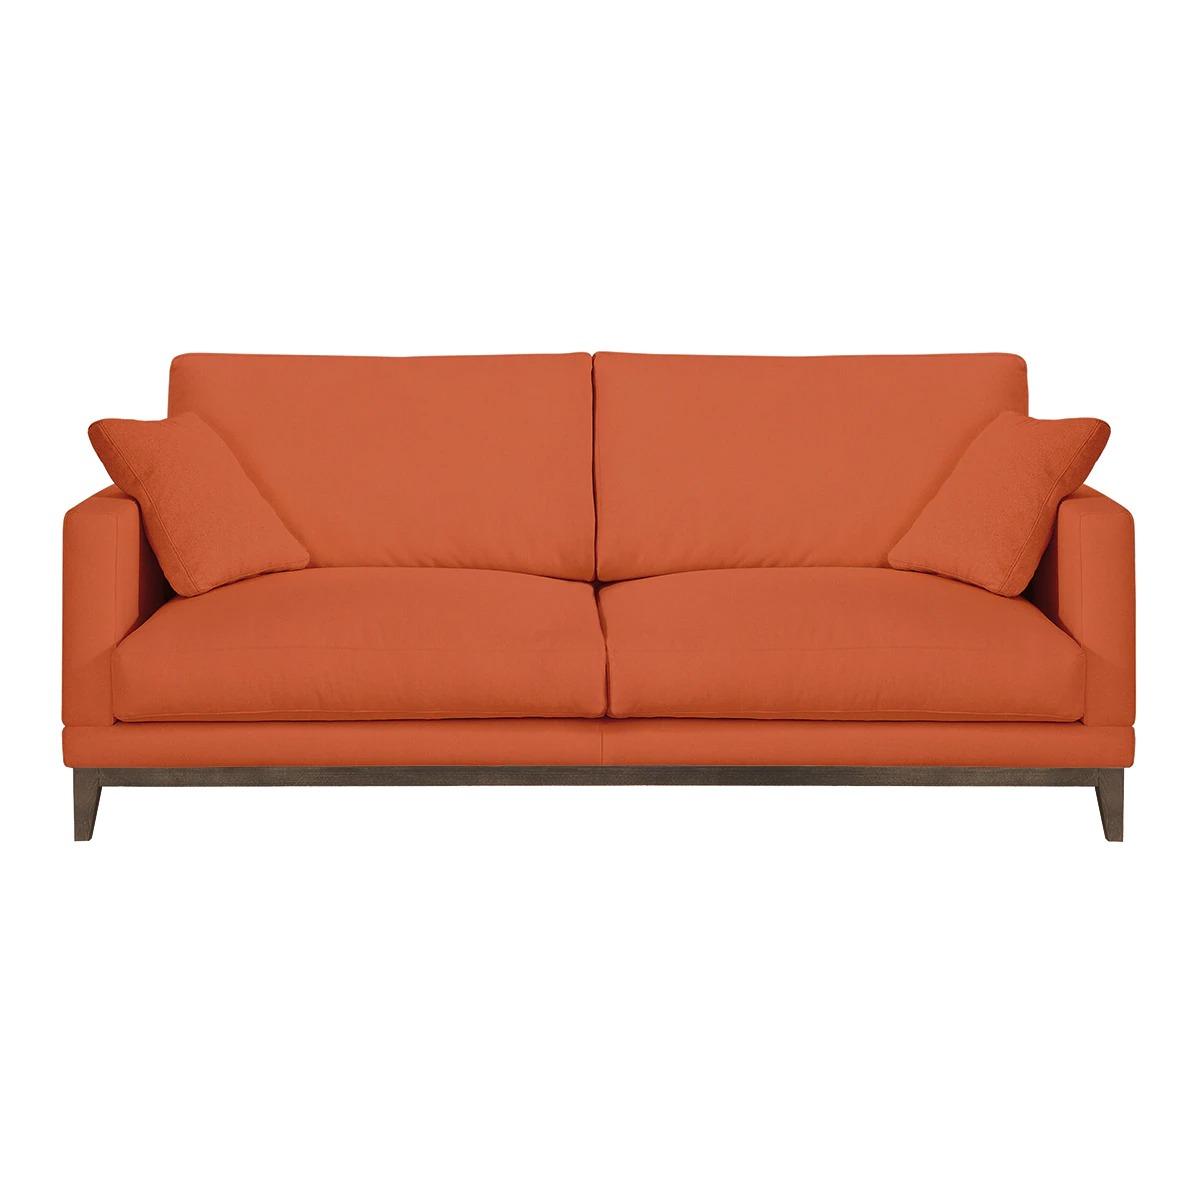 EL CORTE INGLÉS - ROOM Sofá de 2,5 plazas tapizado con base wengué Breda Room - El Corte Inglés